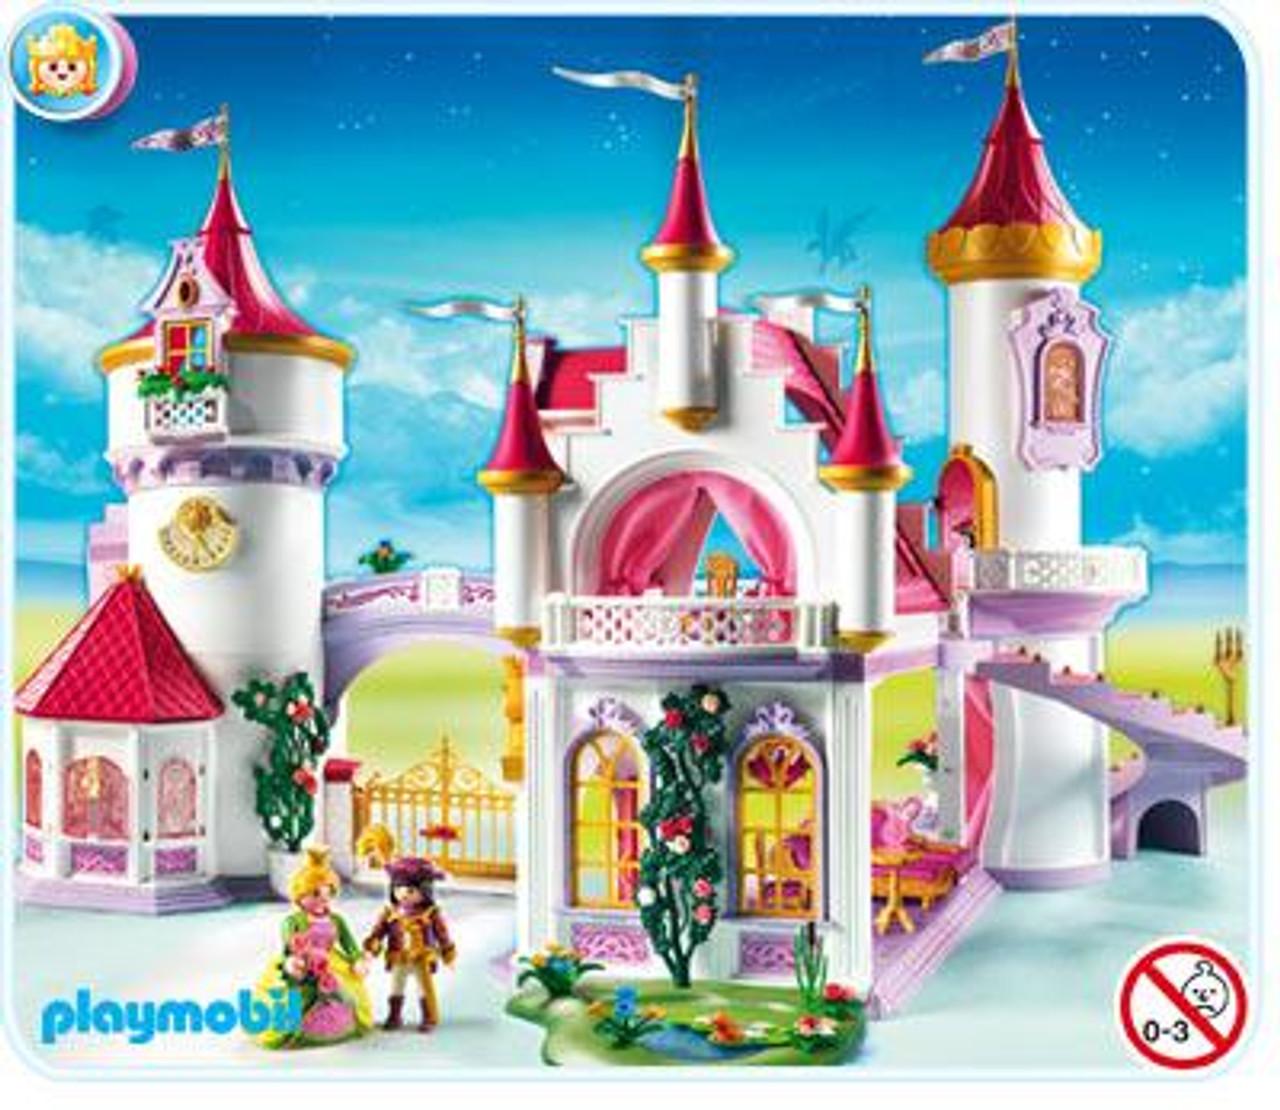 Playmobil Magic Castle Princess Fantasy Castle Set #5142